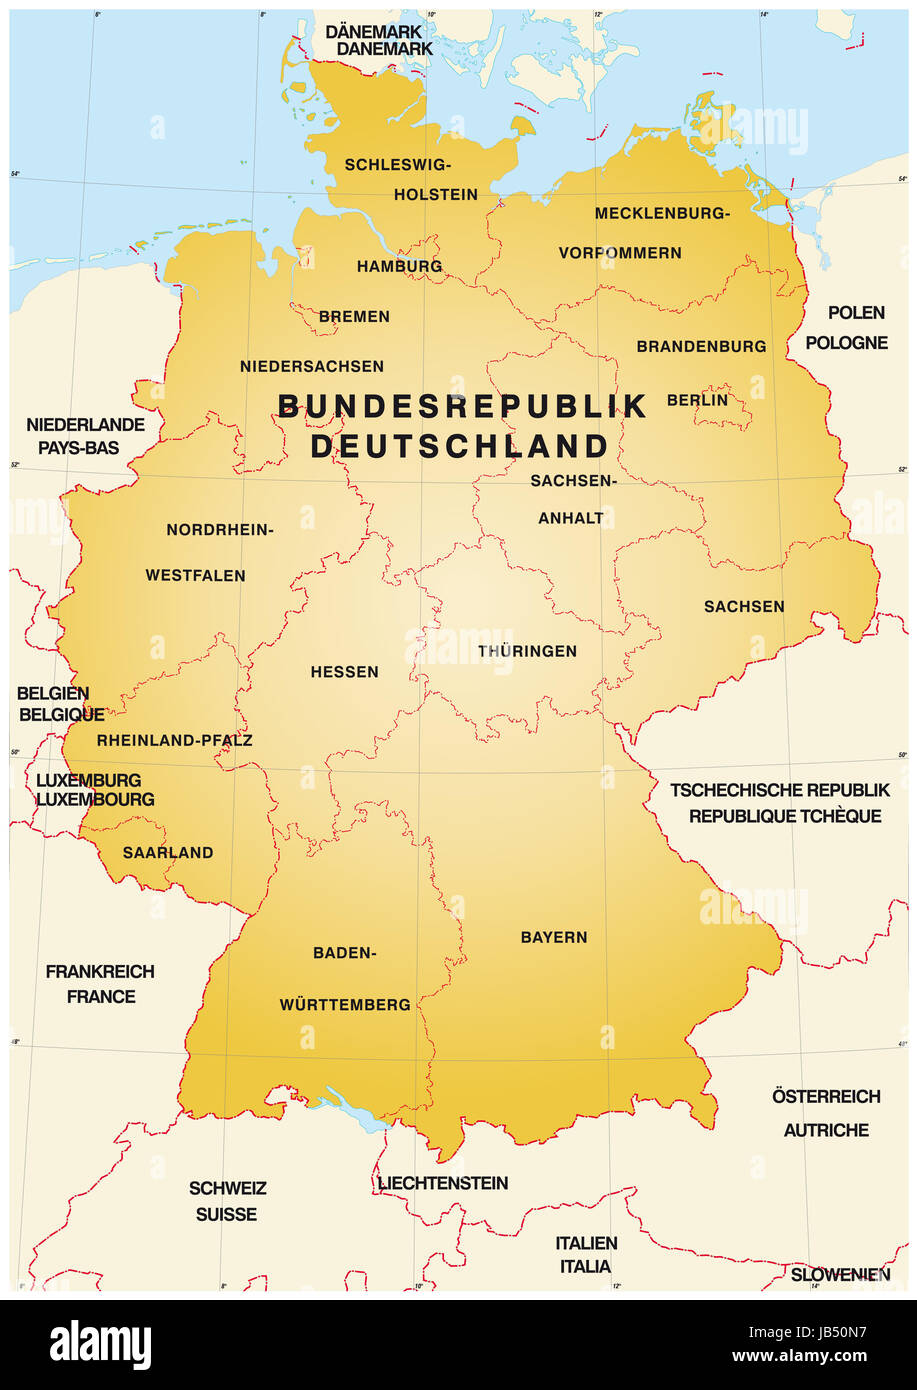 Die Karte Enthalt Die Deutschen Bundeslander Und Die Nachbarlander